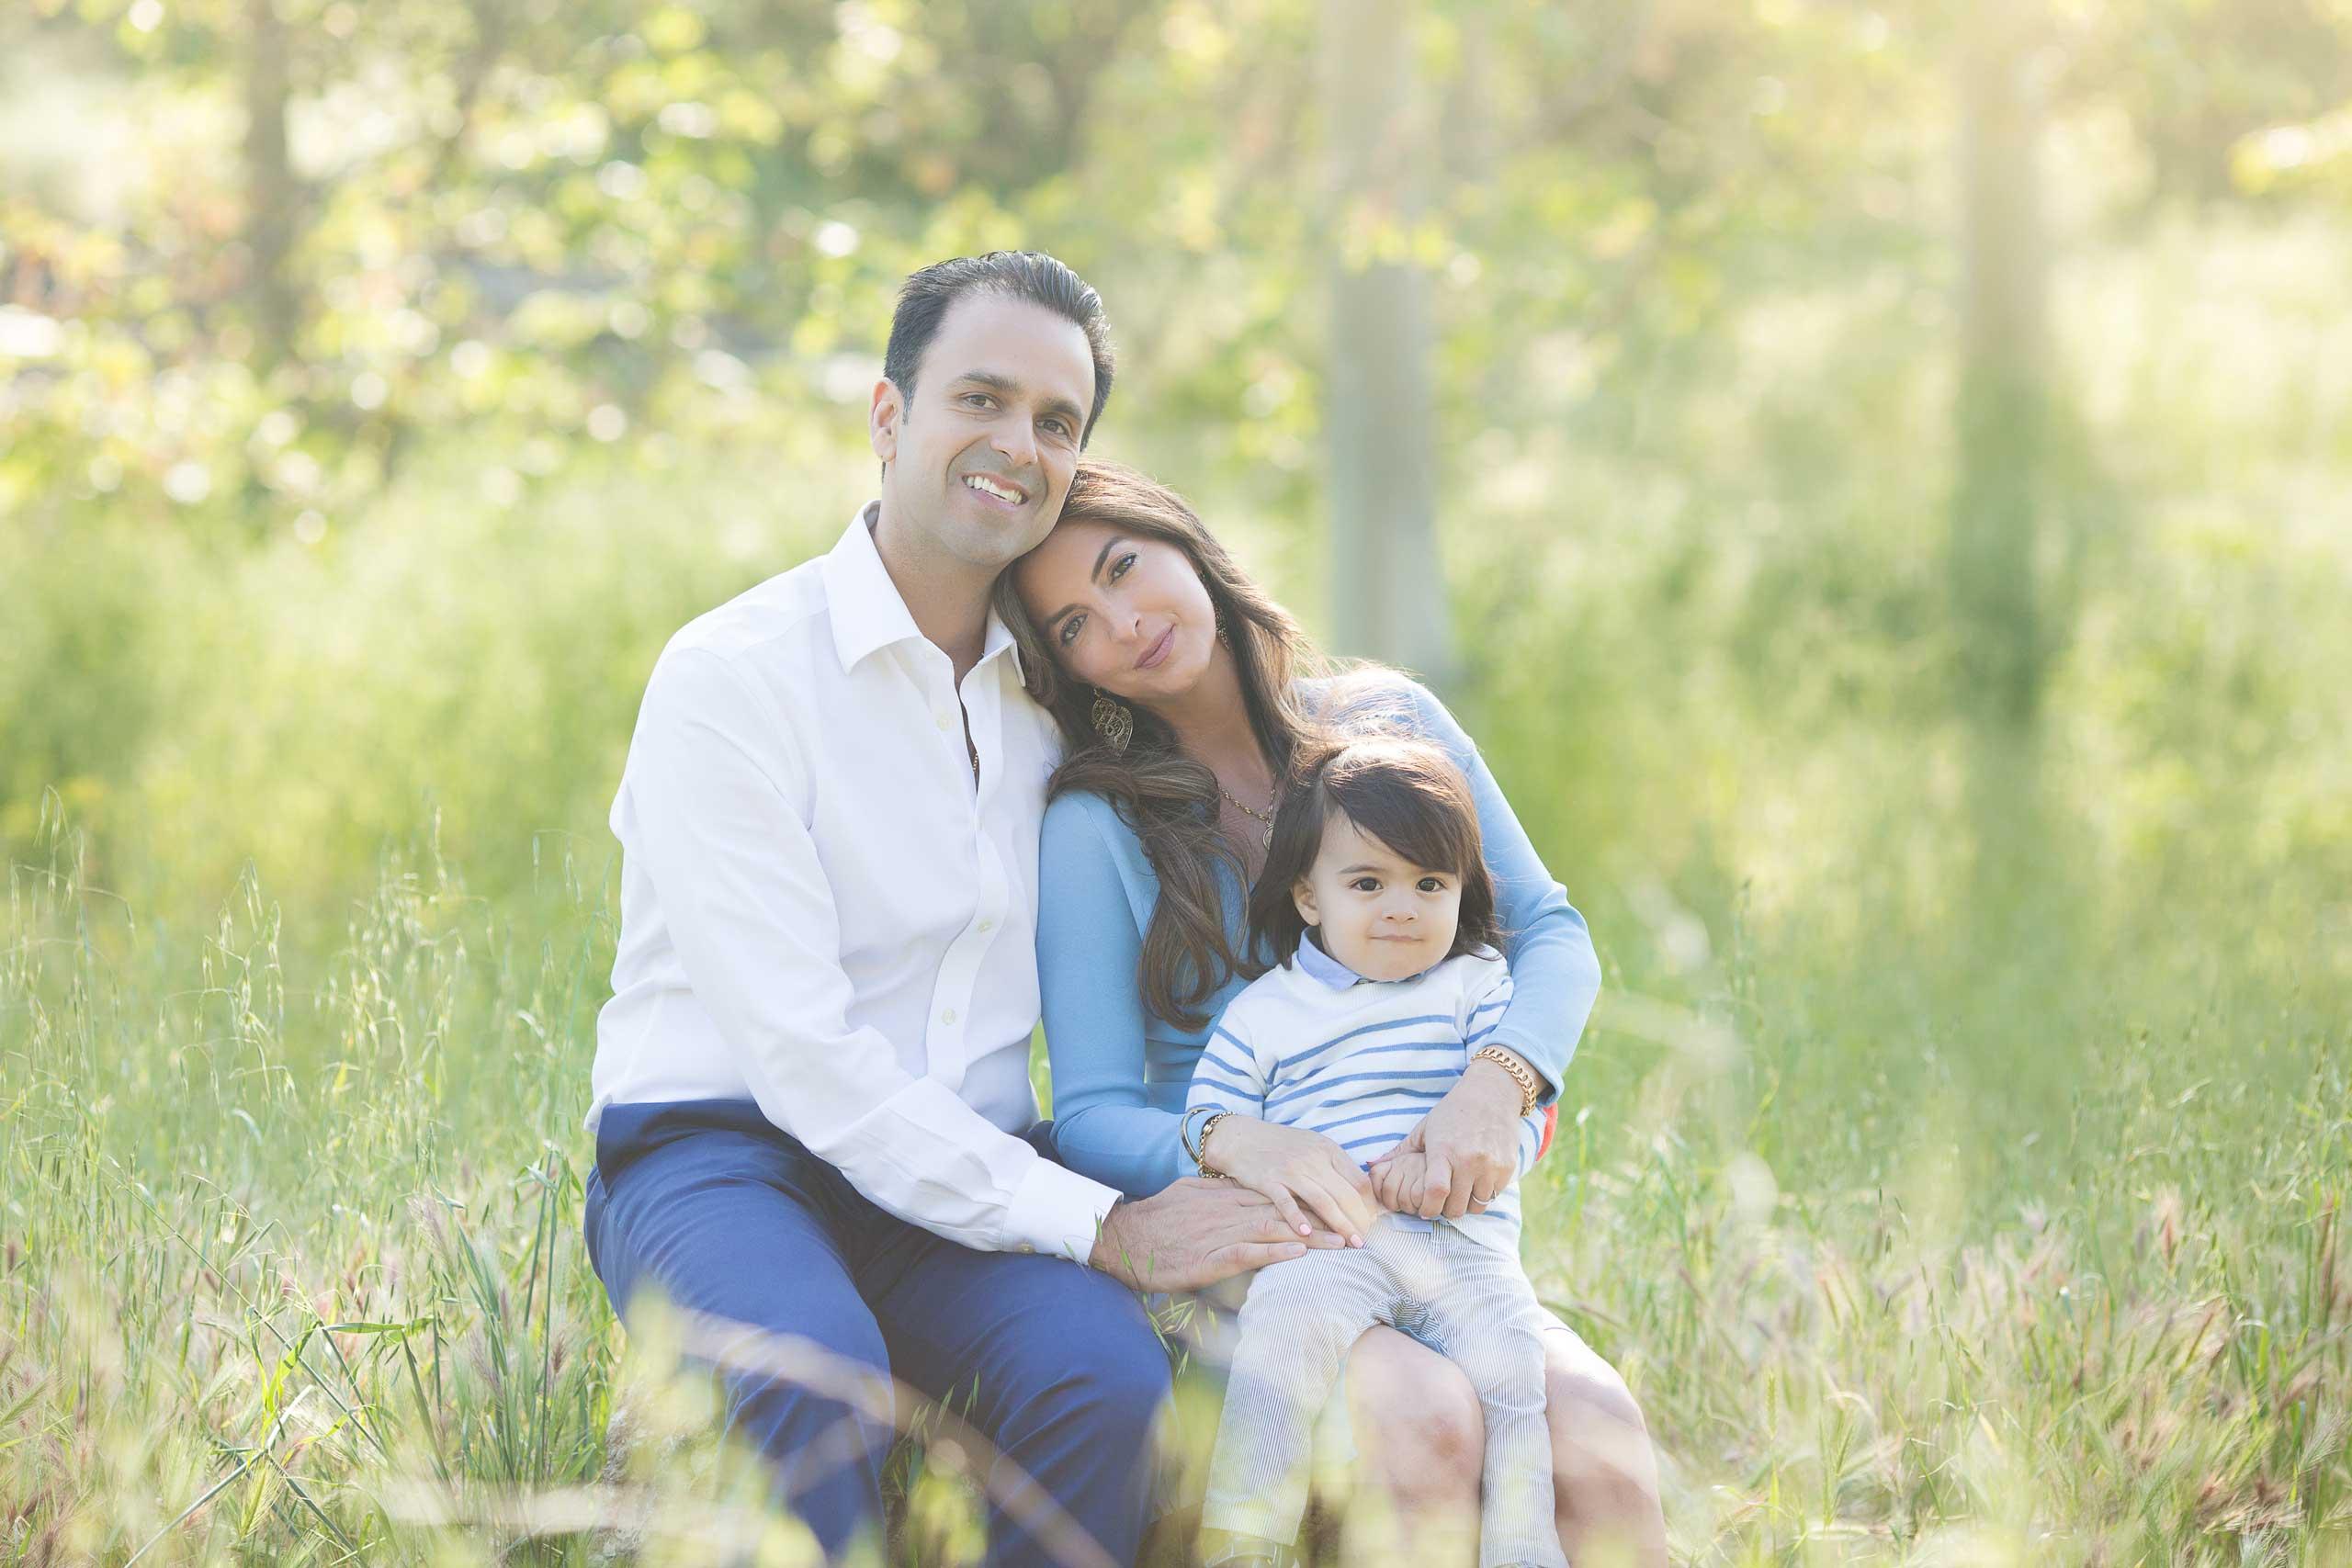 Ramina Magid photography family photography los angeles 887655